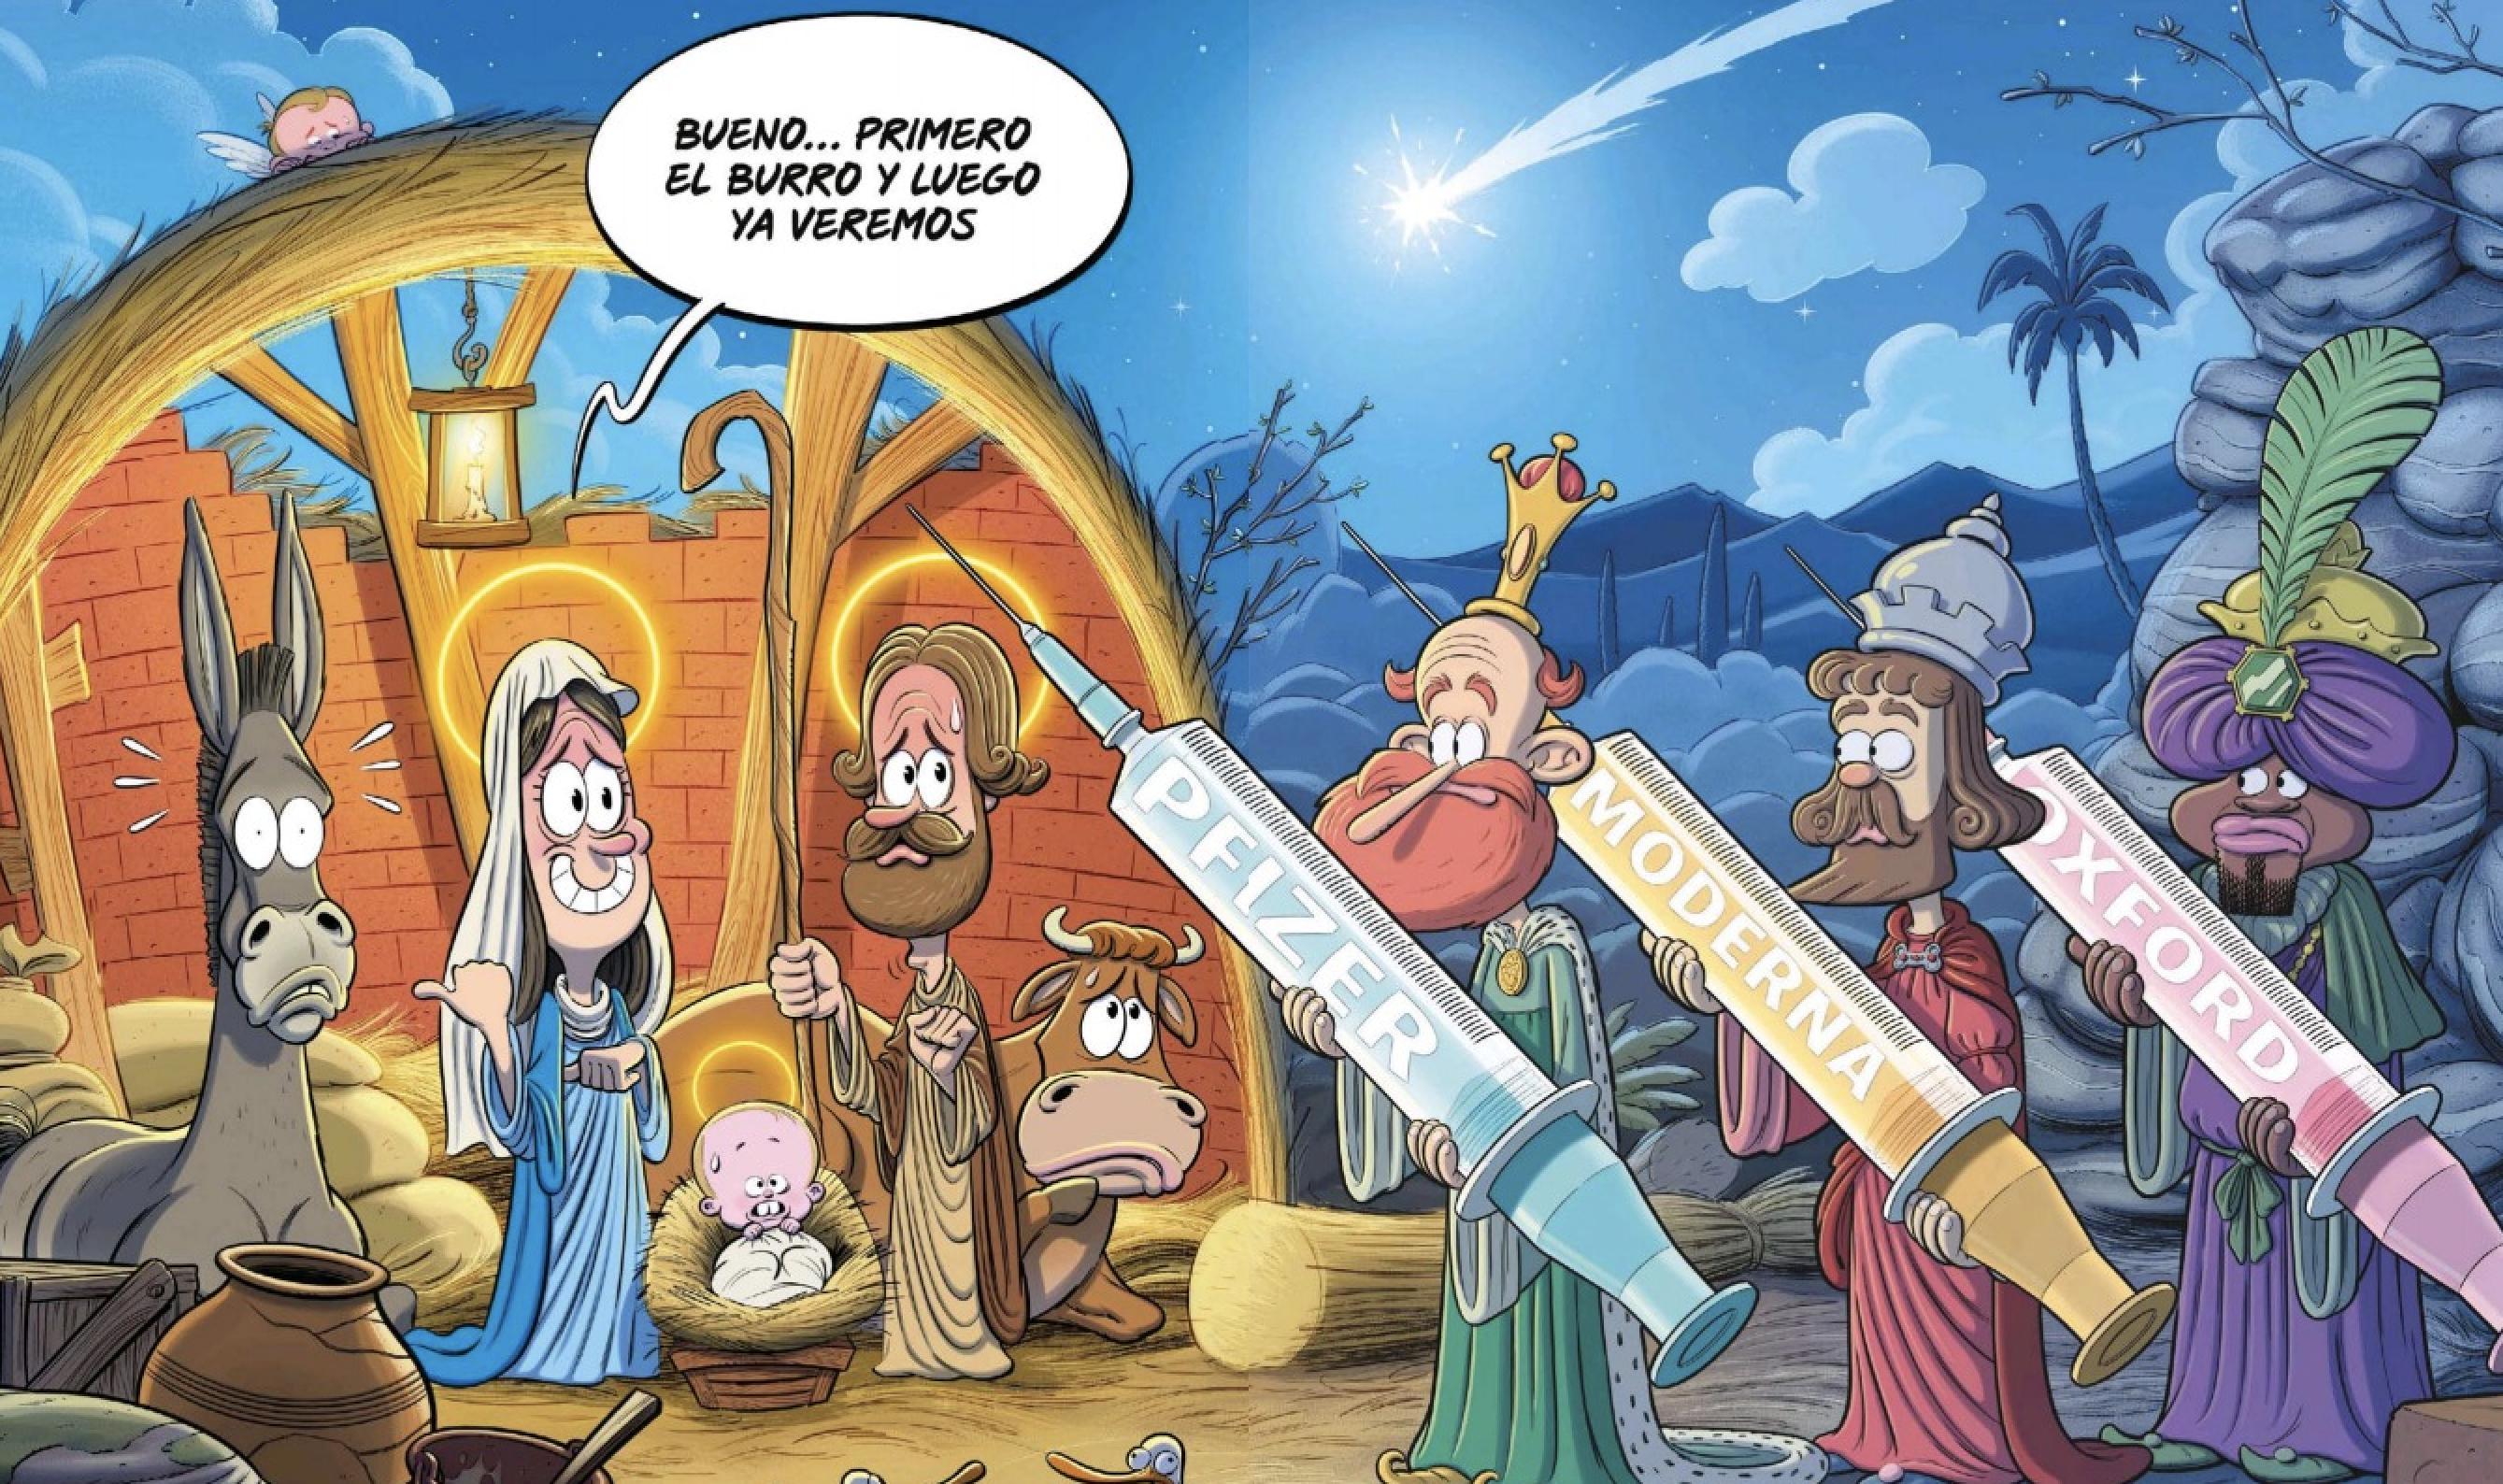 Nuestros mejores deseos para la Navidad 2020